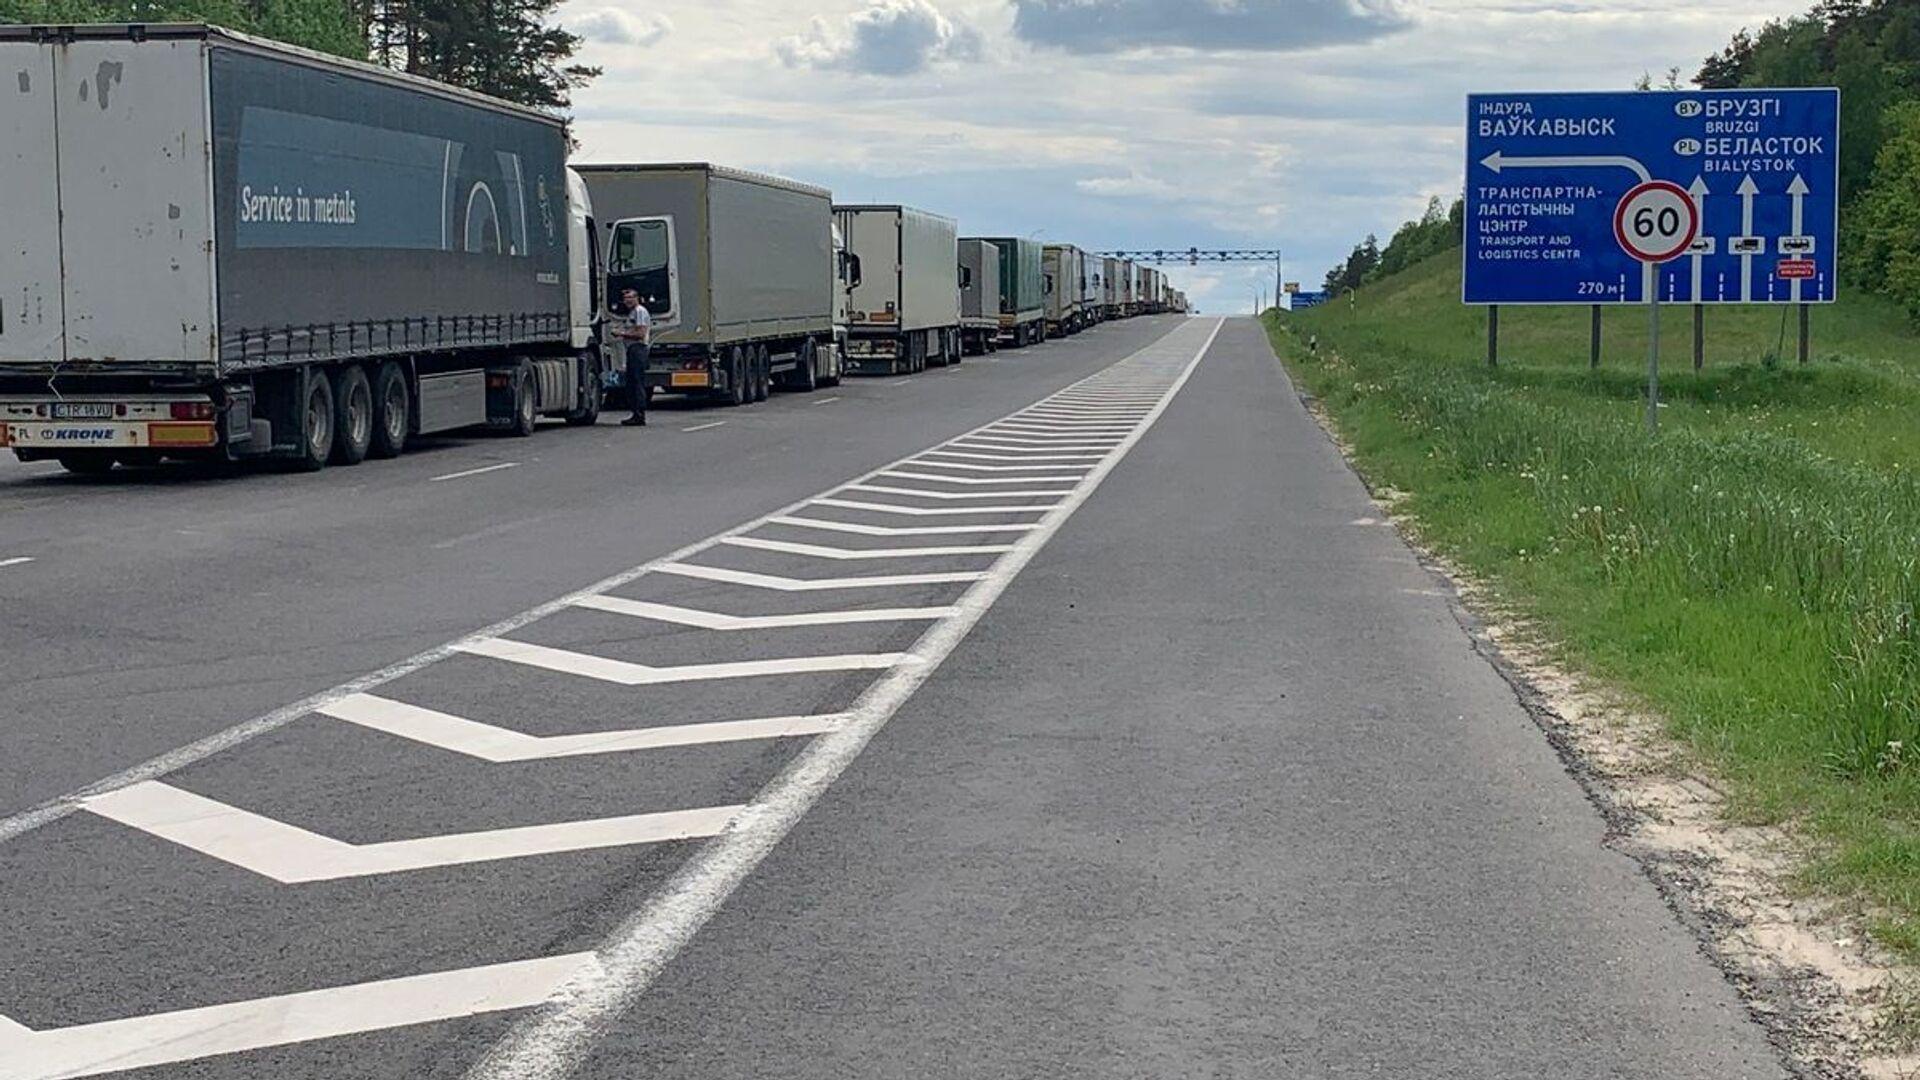 На границе в пункте пропуска Брузги очередей из легковых машин нет - запрет на выезд из страны никто не отменял - Sputnik Беларусь, 1920, 07.10.2021